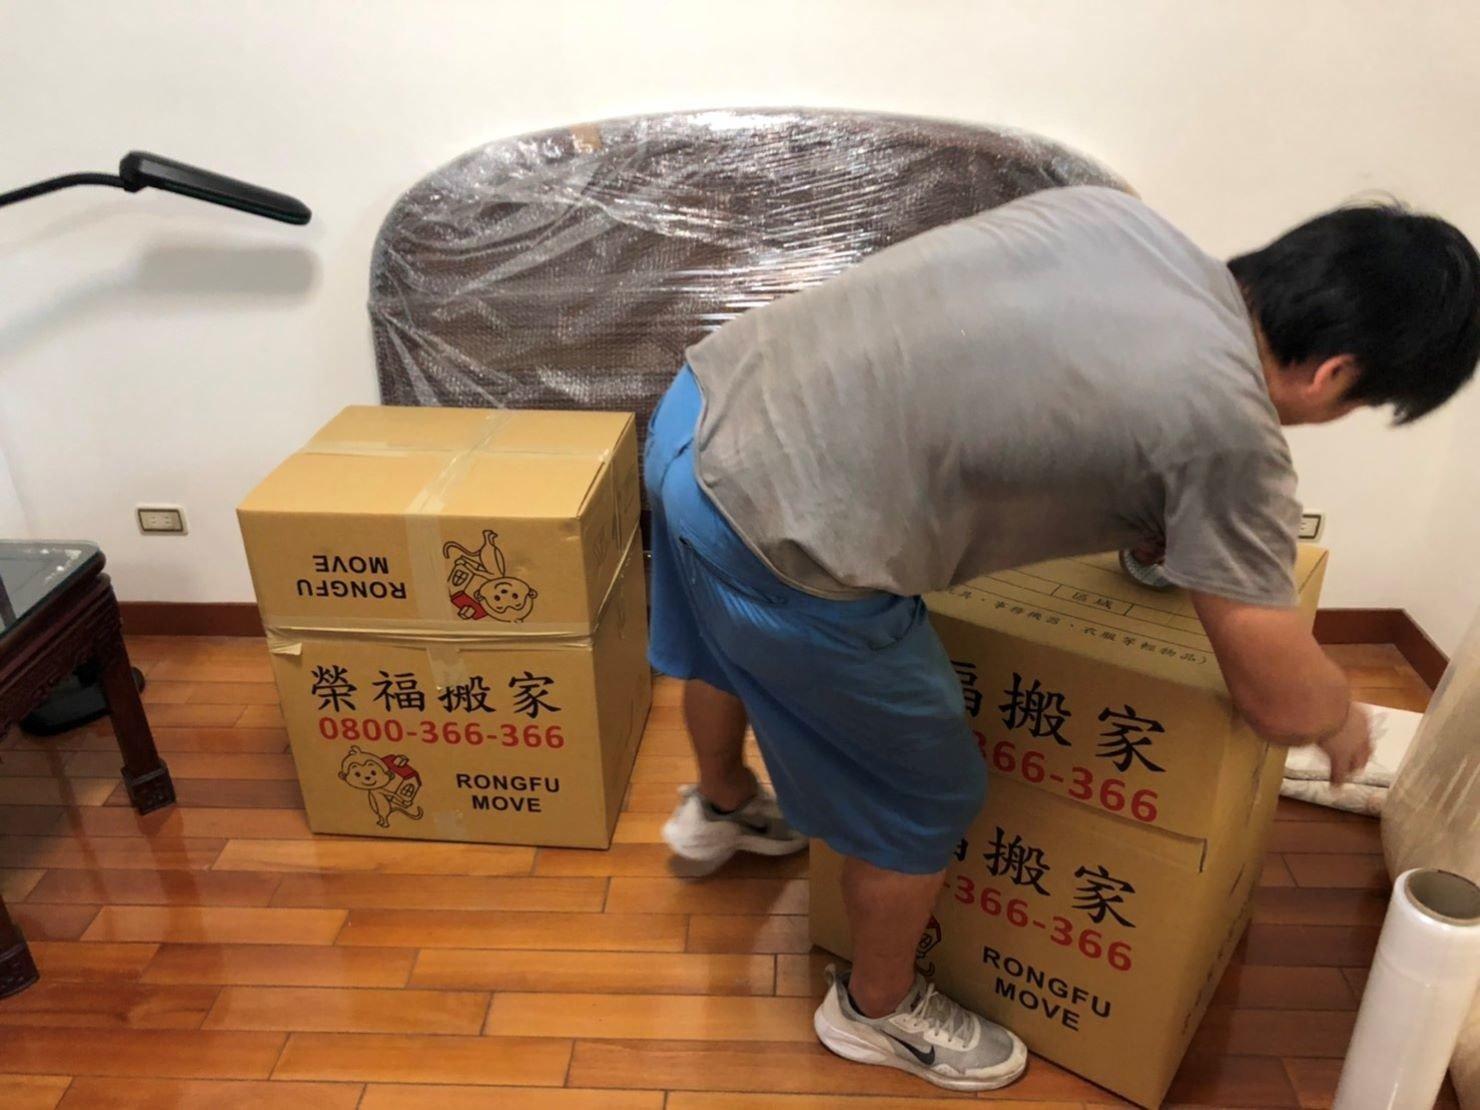 台北搬家公司推薦【榮福搬家公司】值得您來選擇:木製床邊櫃-以榮福搬家搬家用小紙箱一上一下套住,再用黃色透明膠帶將紙箱四周緊貼固定。